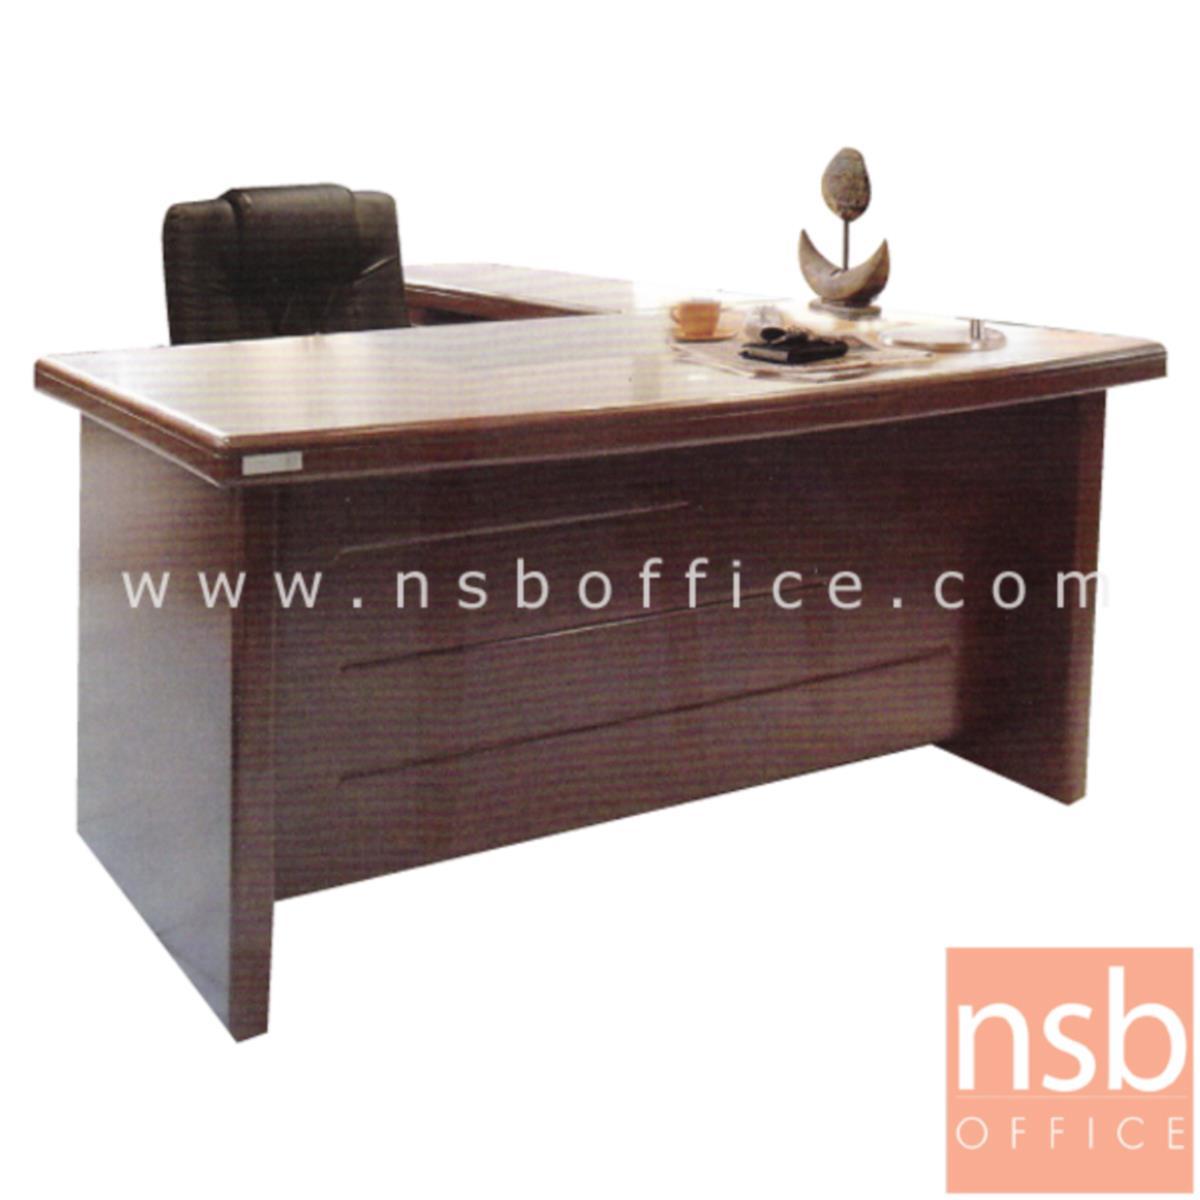 A06A040:โต๊ะผู้บริหารตัวแอล 4 ลิ้นชัก  รุ่น Flourish (ฟลอริช) ขนาด 140W cm. พร้อมตู้ข้าง